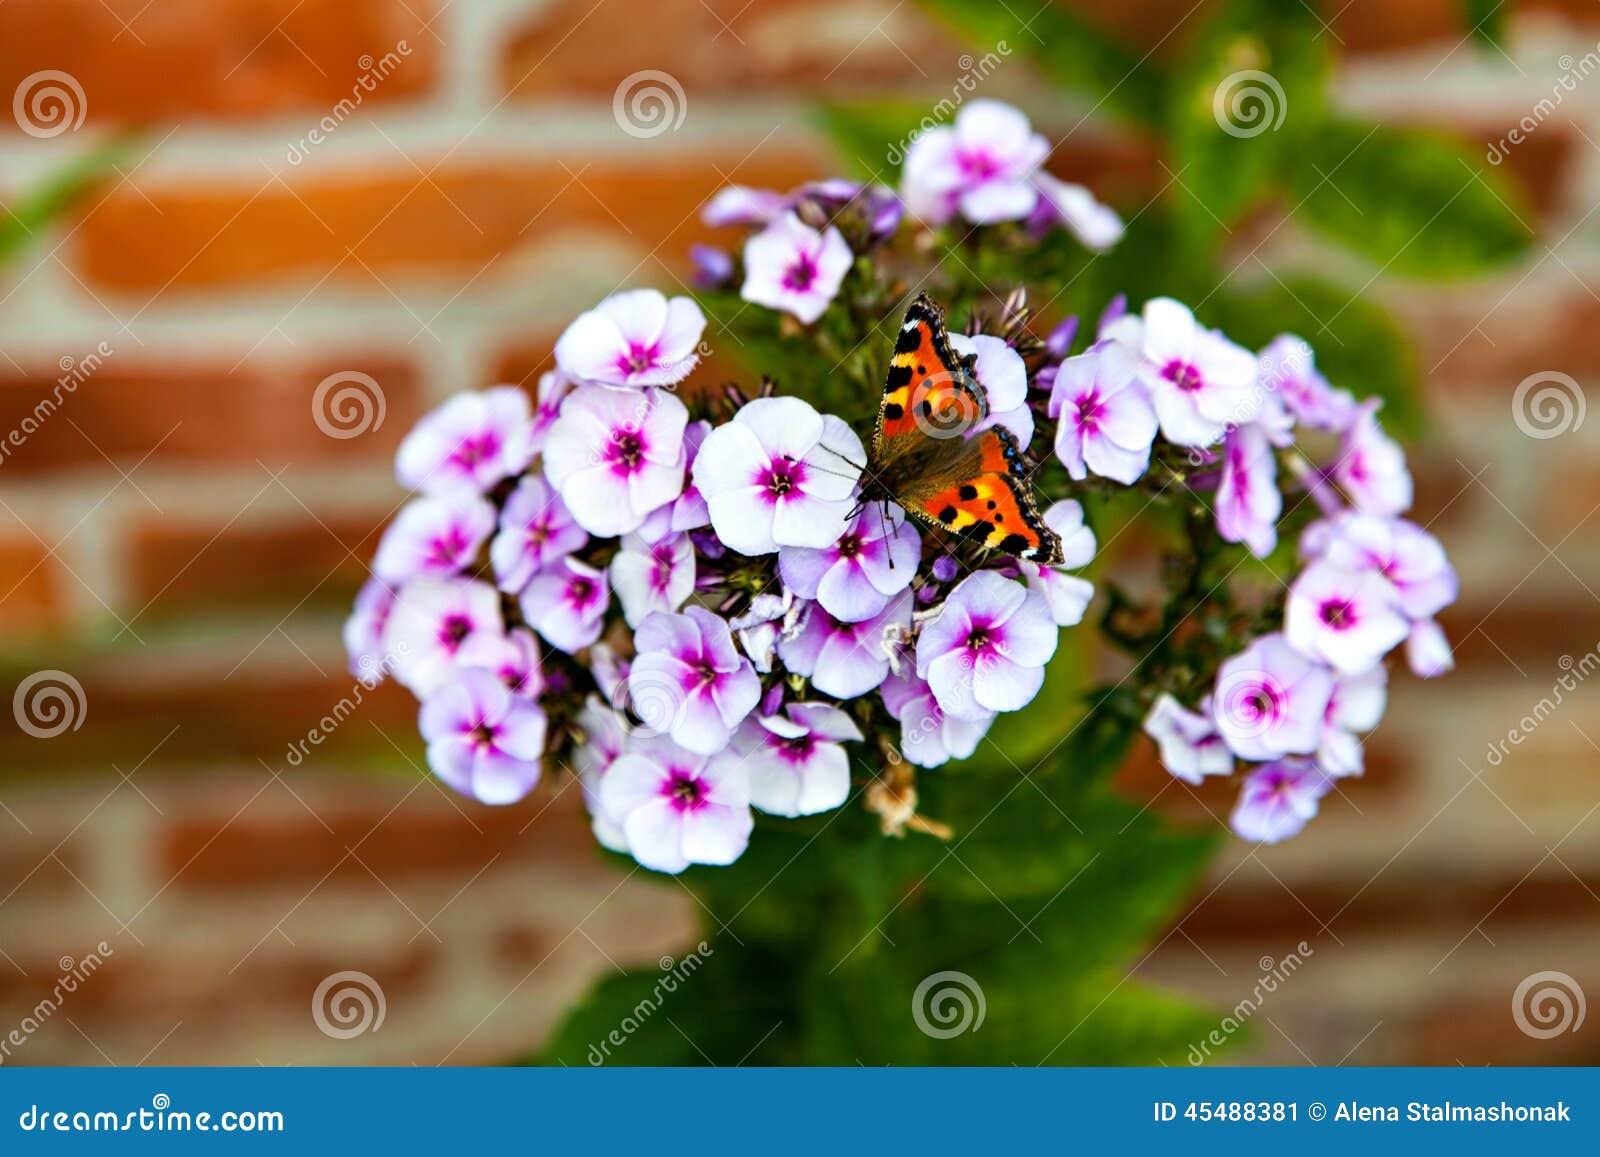 美丽的蝴蝶坐白色福禄考